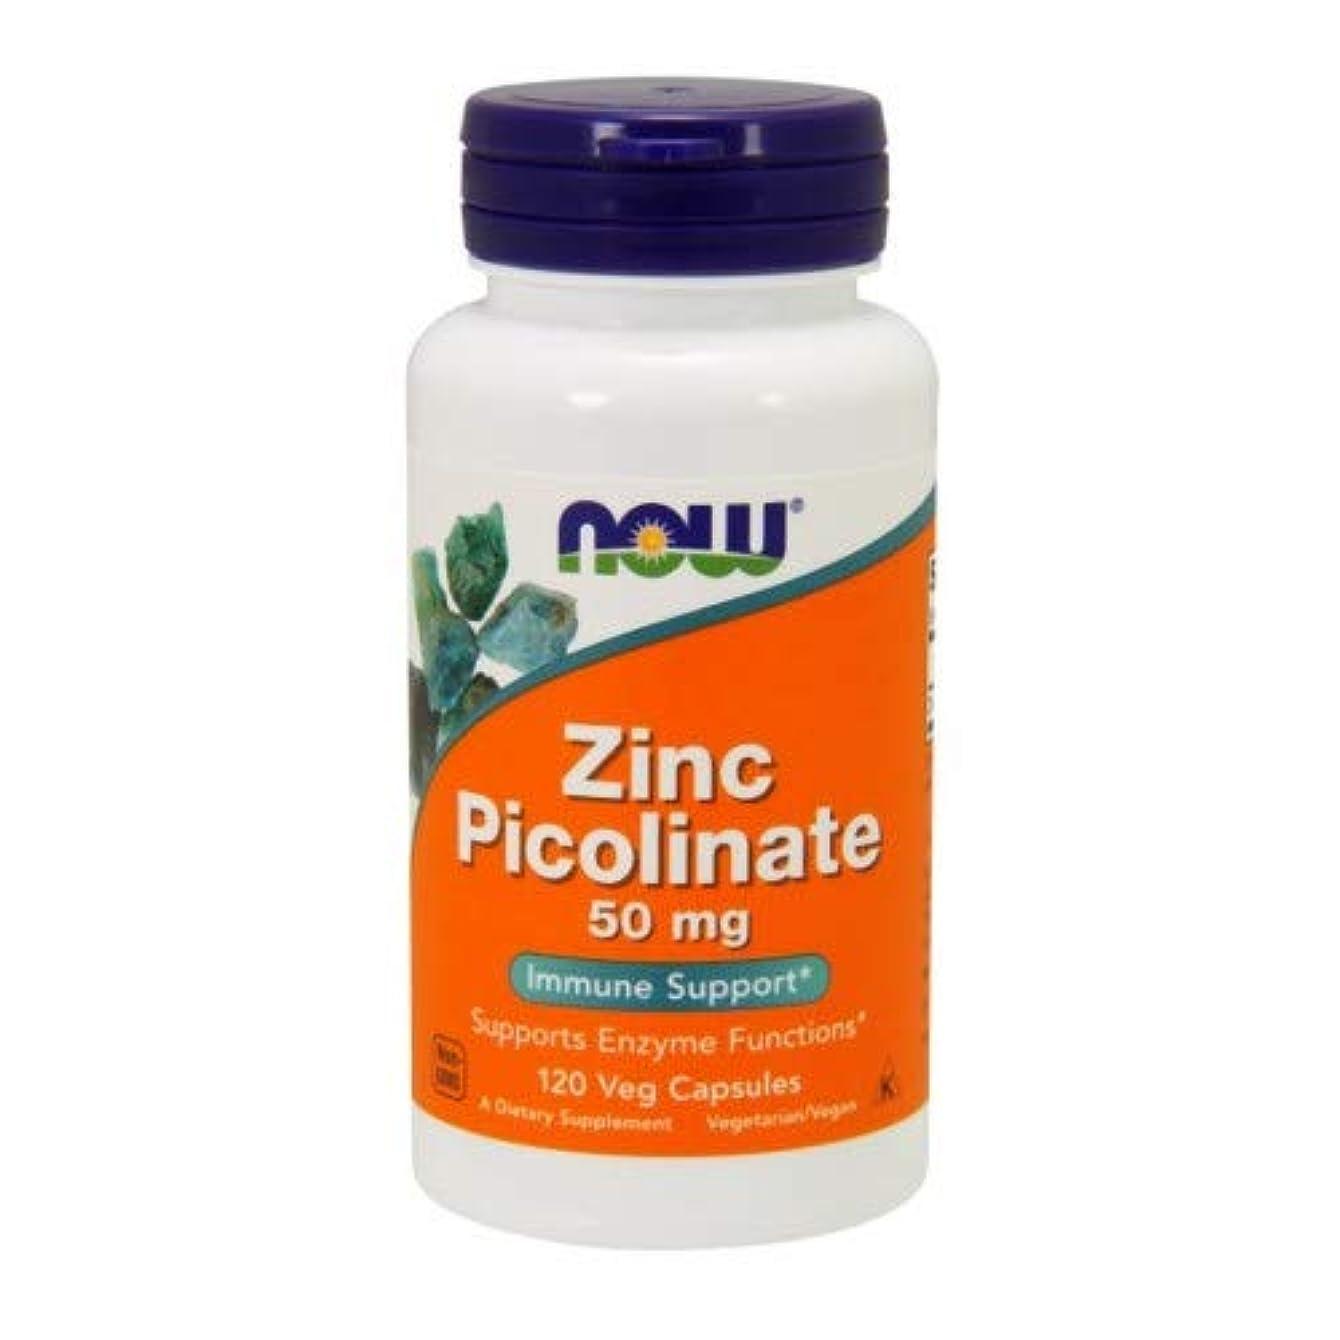 施し昼間始めるNOW Foods - 亜鉛Picolinate 50 mg。120カプセル【海外直送品】